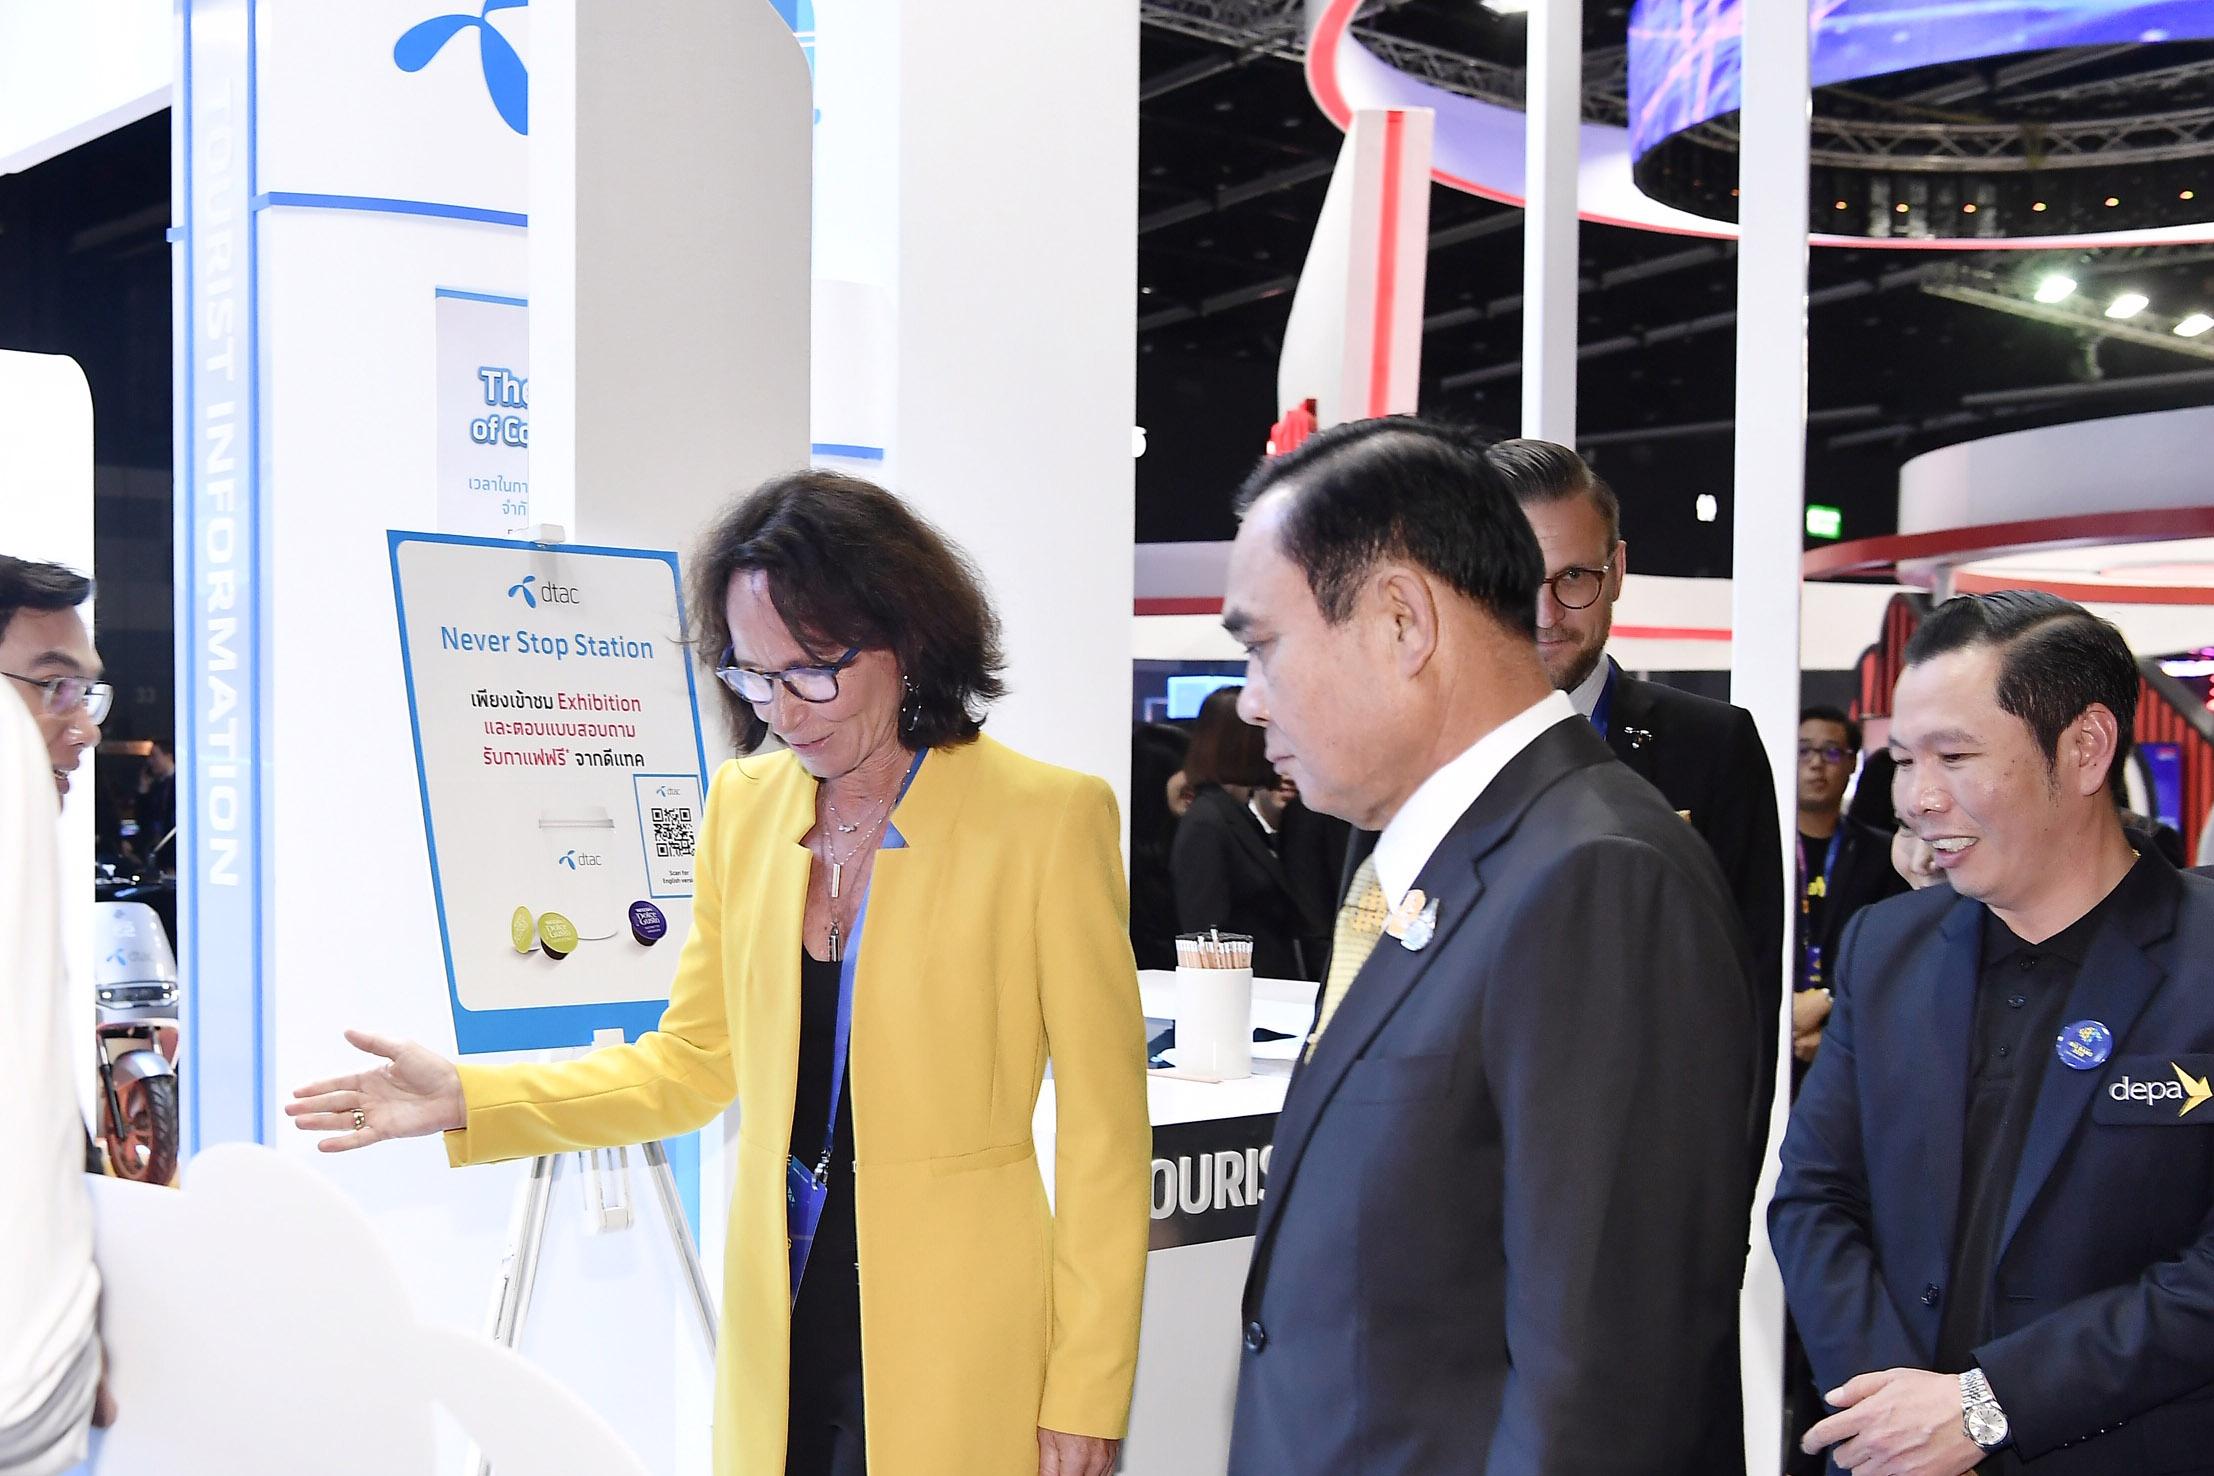 """ดีแทคชู """"การเชื่อมต่อสู่อนาคต"""" ในงาน """"ดิจิทัล ไทยแลนด์ บิ๊กแบง 2019"""" ไม่หยุดพัฒนาร่วมภาครัฐผลักดันประเทศไทยสู่ดิจิทัล"""